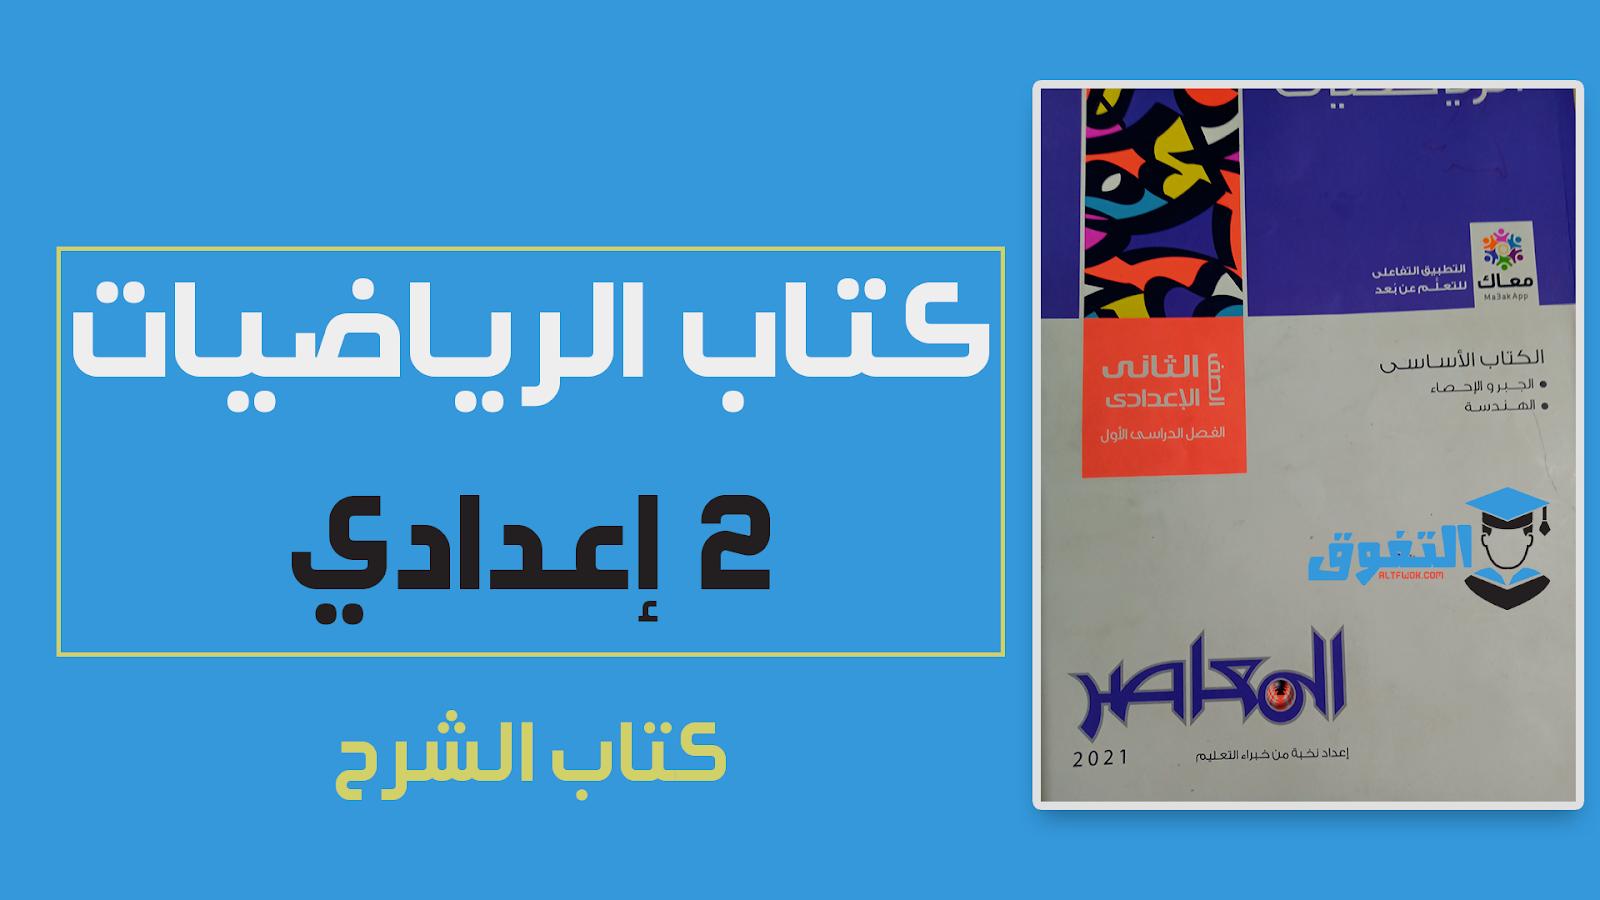 تحميل كتاب المعاصر فى الرياضيات pdf للصف الثانى الاعدادى الترم الأول 2021(النسخة الجديدة)